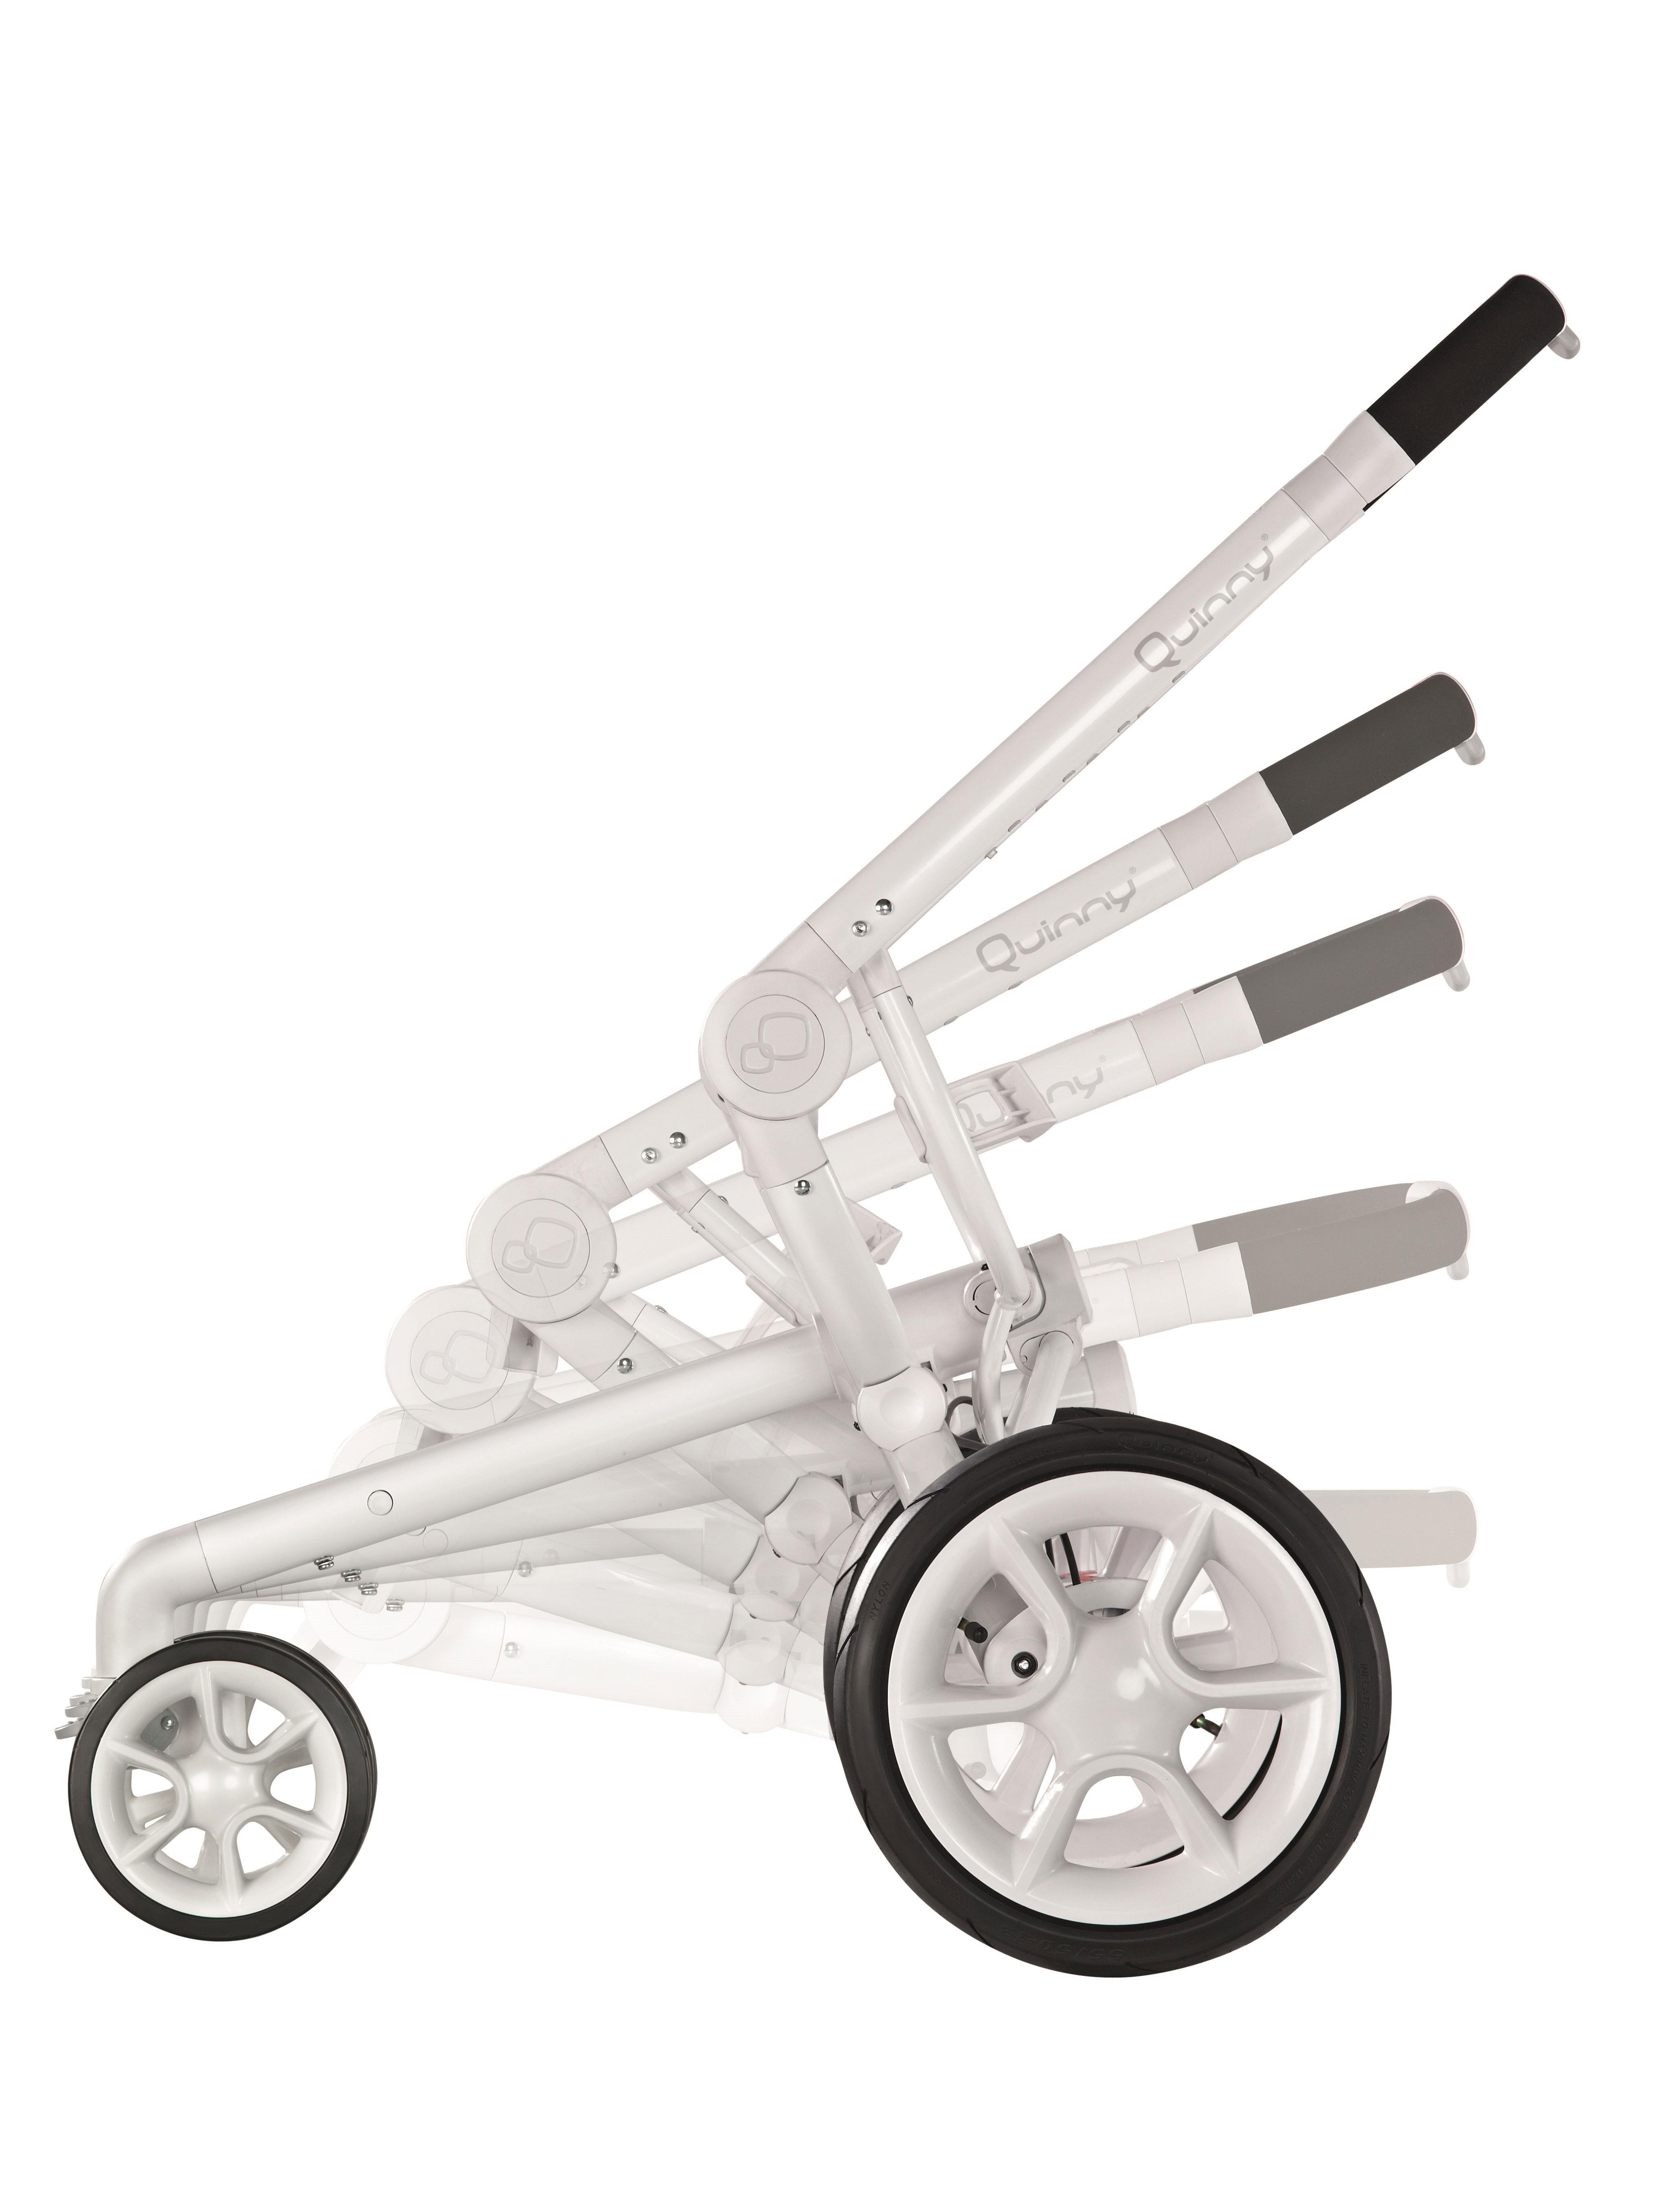 quinny moodd kinderwagen mit automatischer aufklappfunktion ruheposition in beide. Black Bedroom Furniture Sets. Home Design Ideas